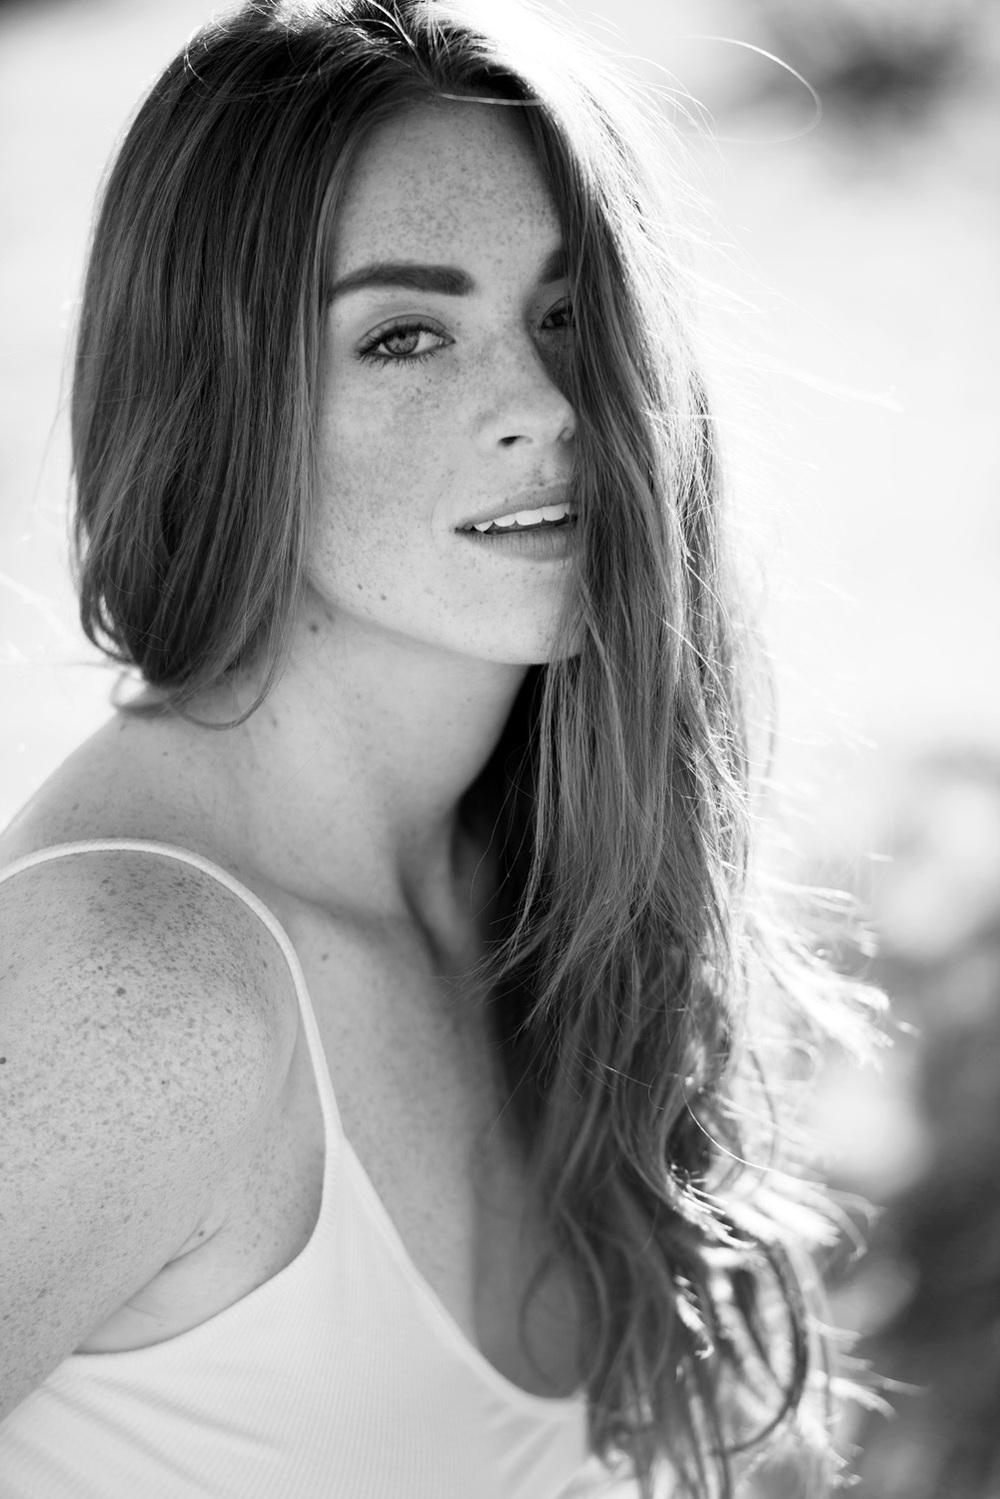 LaurenLedford12bw.jpg